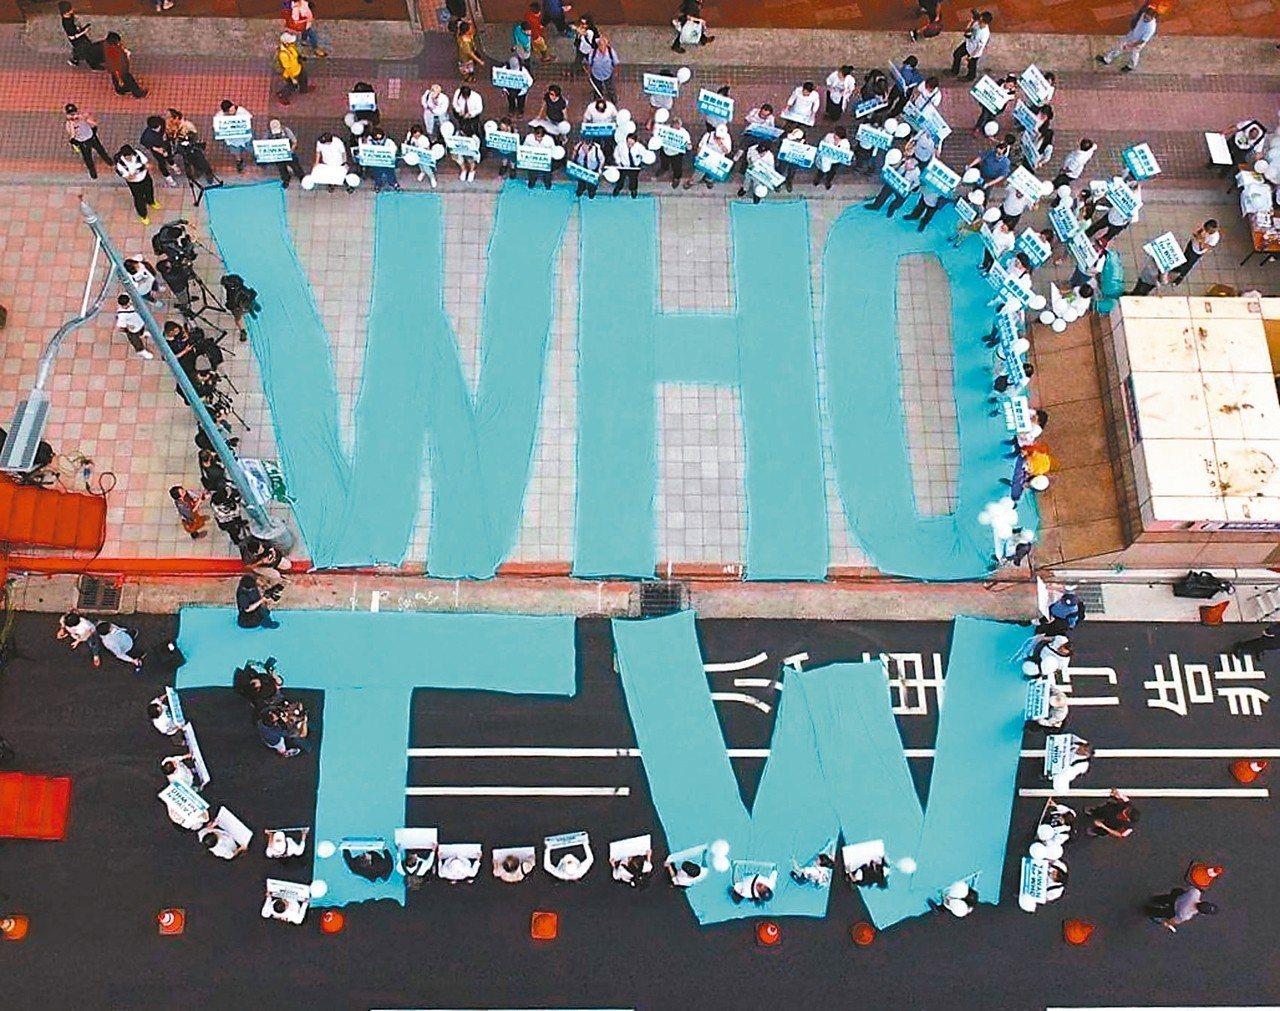 民間組織曾發起排字活動,推動台灣加入WHO。 資料照片/台灣健康空氣行動聯盟提供